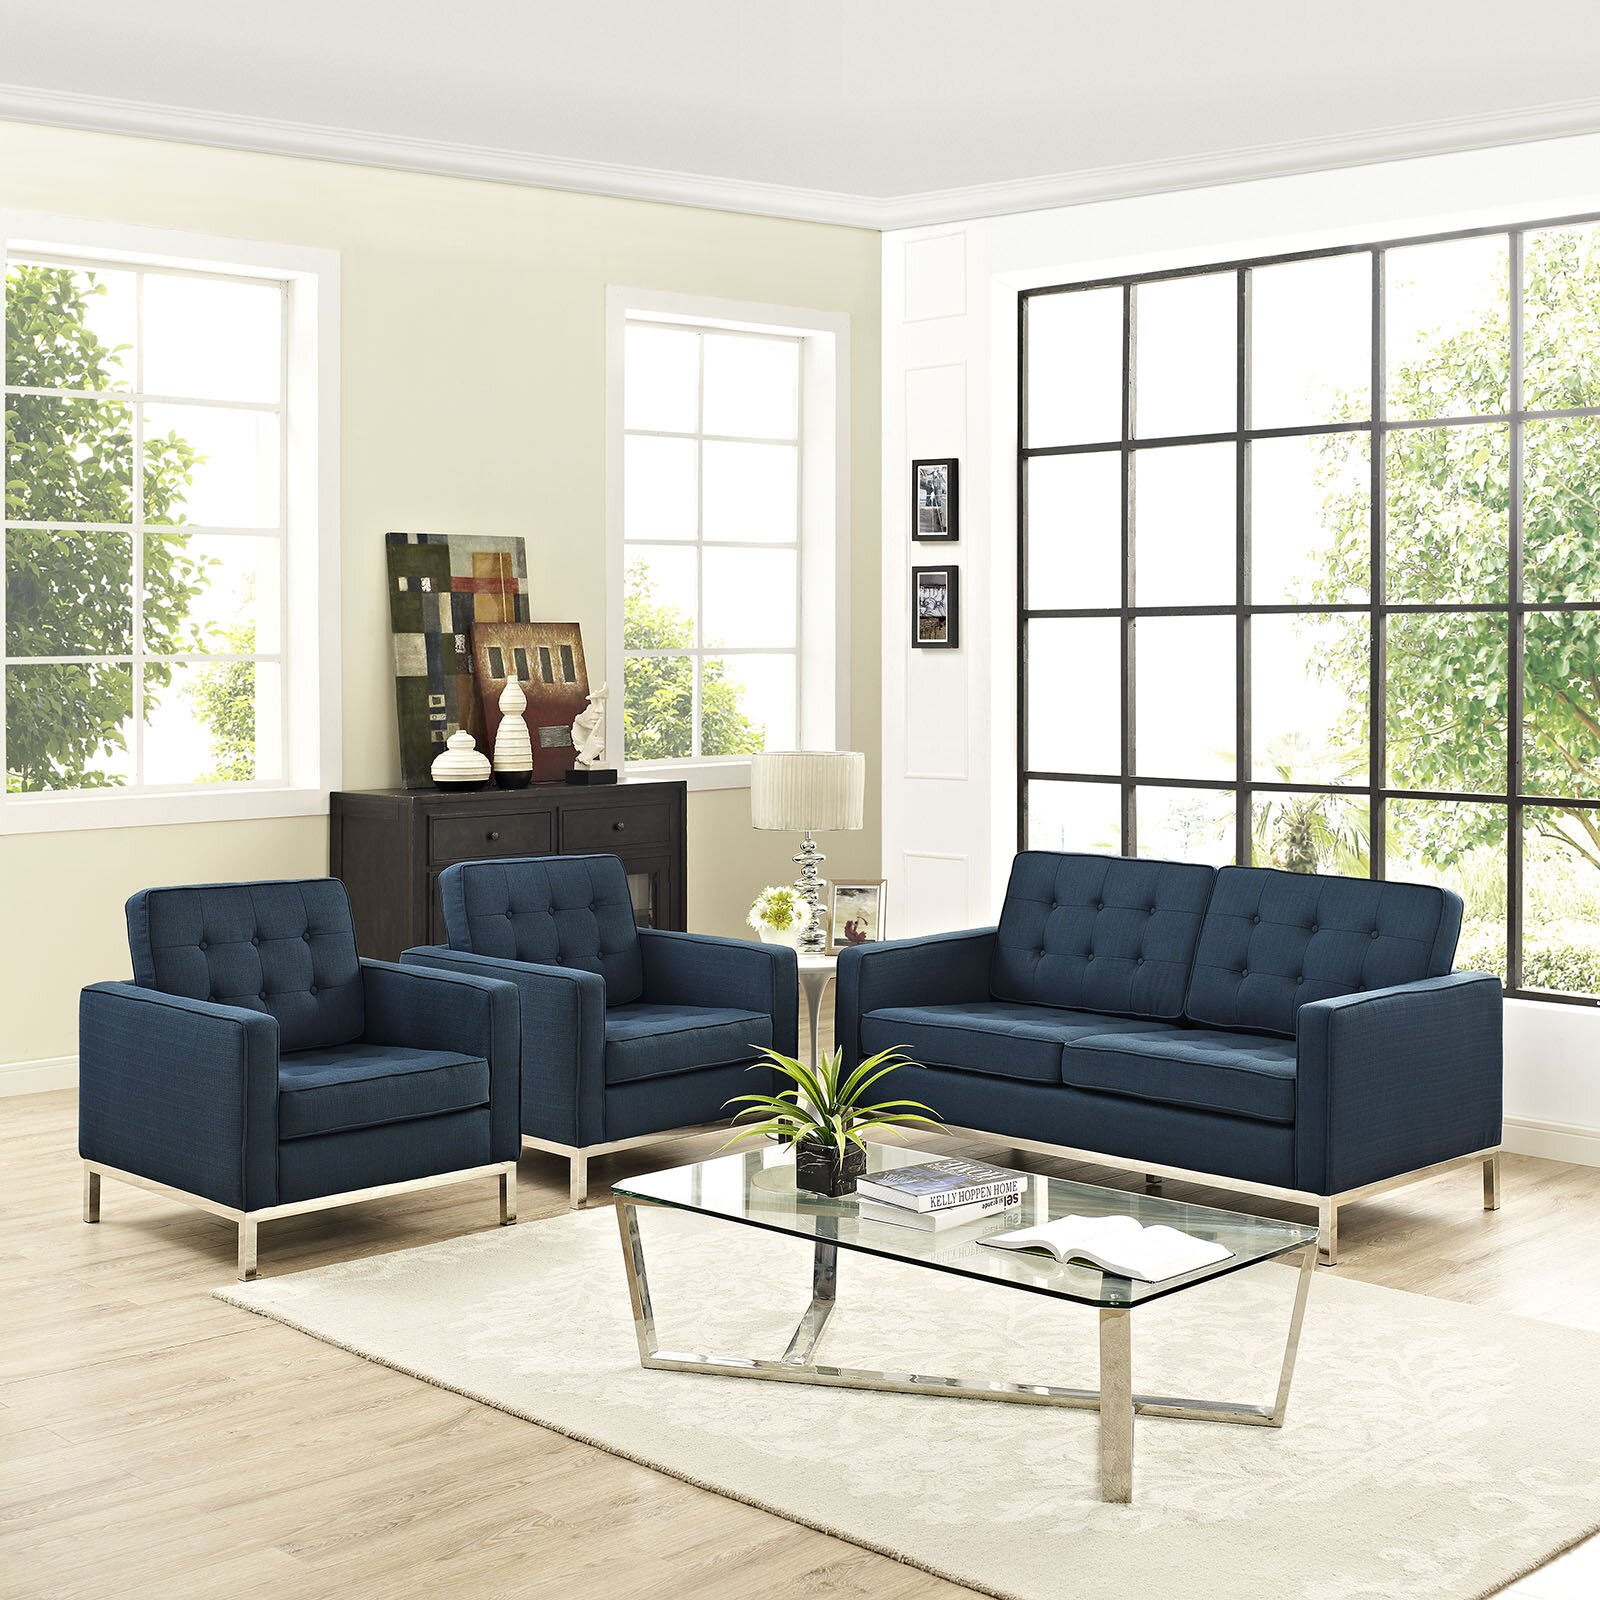 modway loft 3 piece living room set wayfair. Black Bedroom Furniture Sets. Home Design Ideas